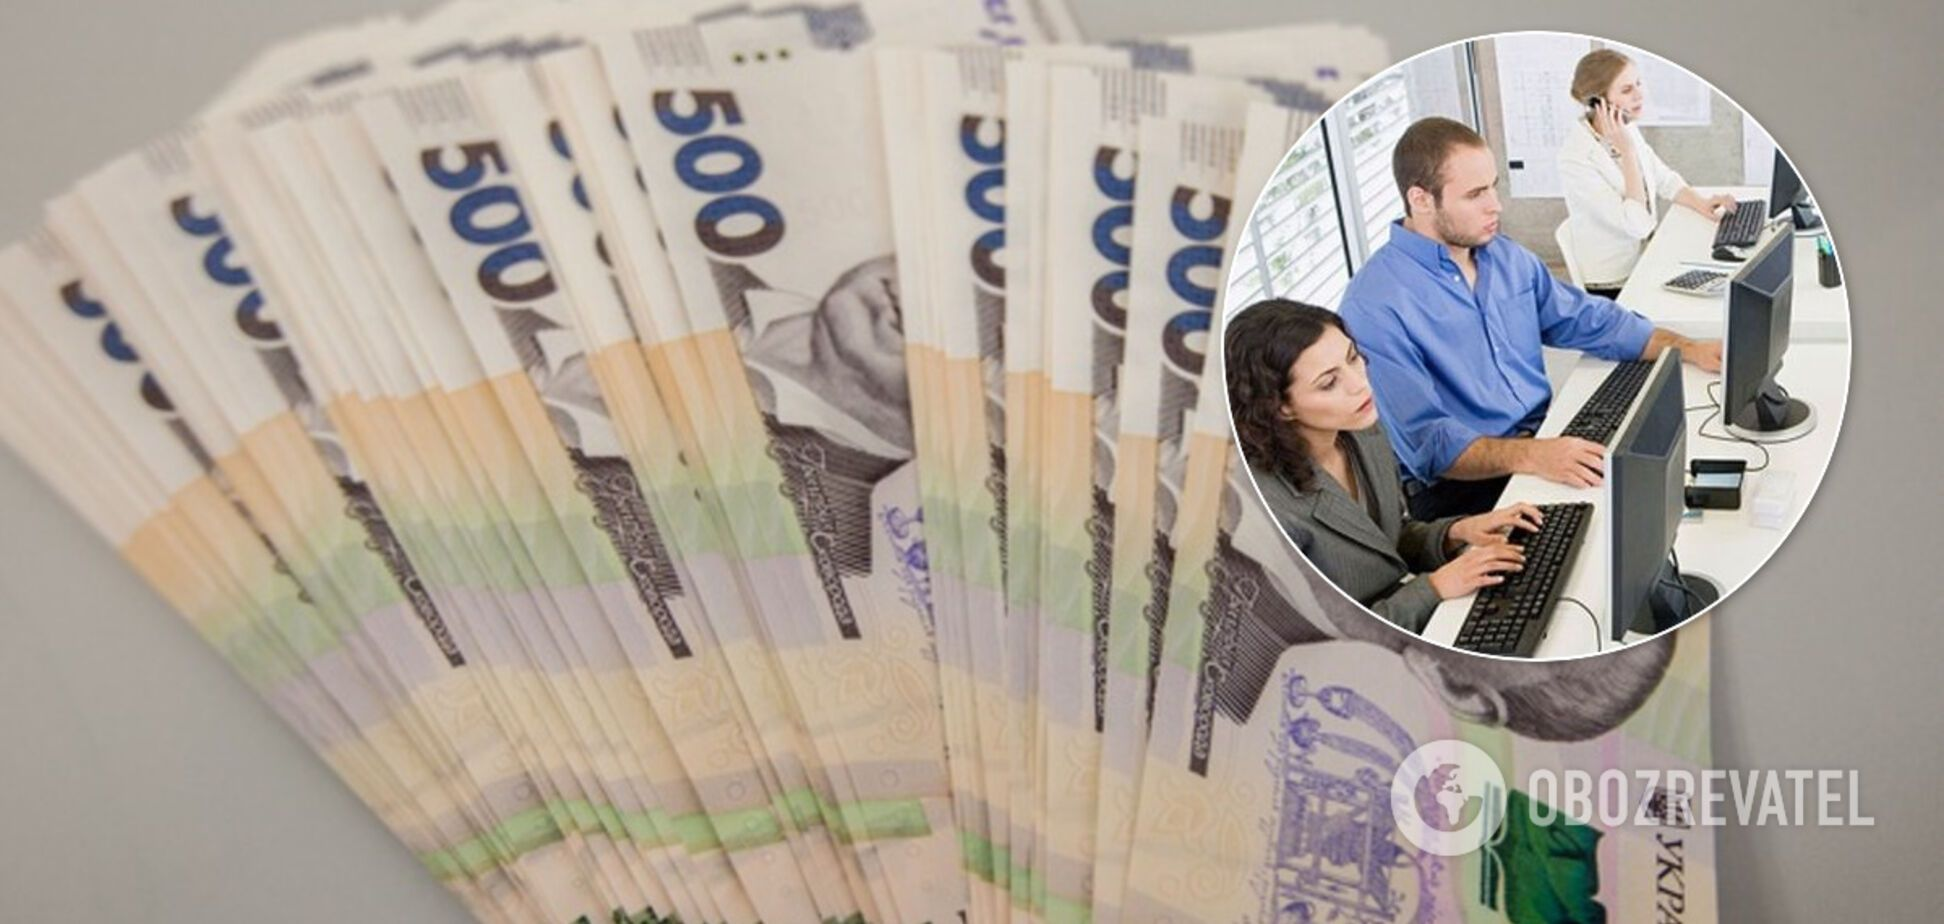 В Украине резко сократятся зарплаты и взлетит количество бедных: чего ждать от карантина